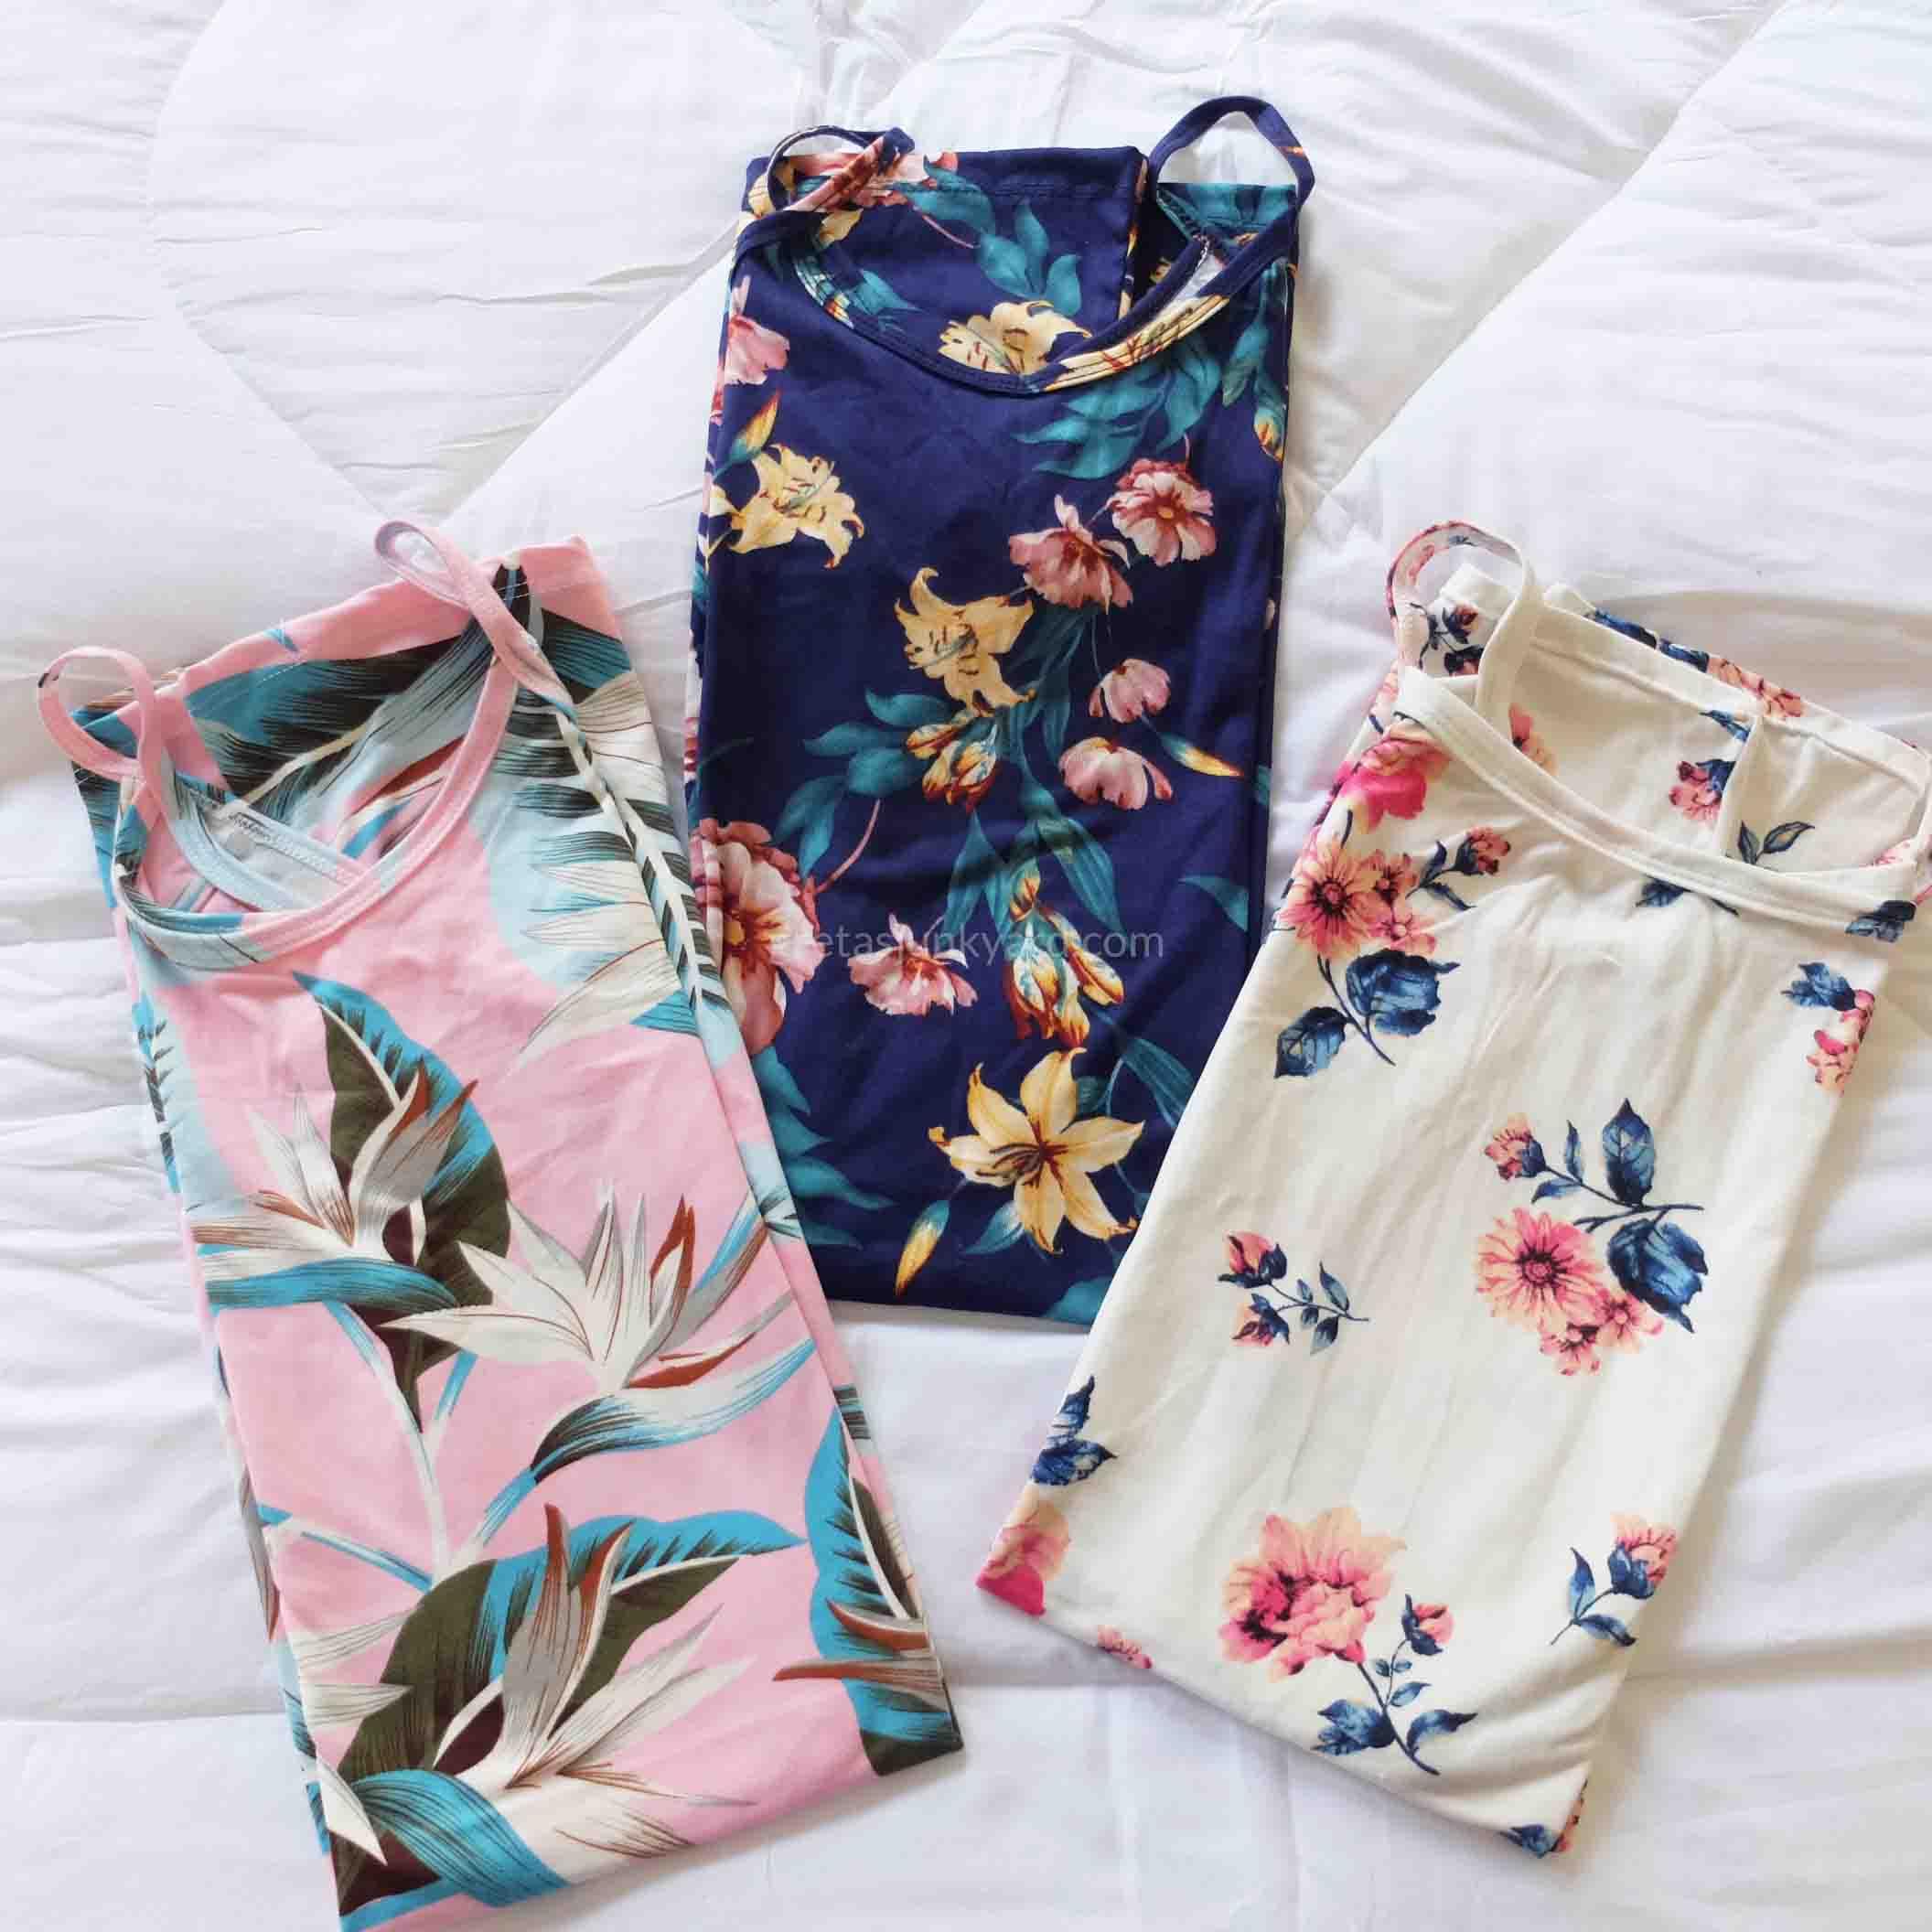 fiorina house dresses7